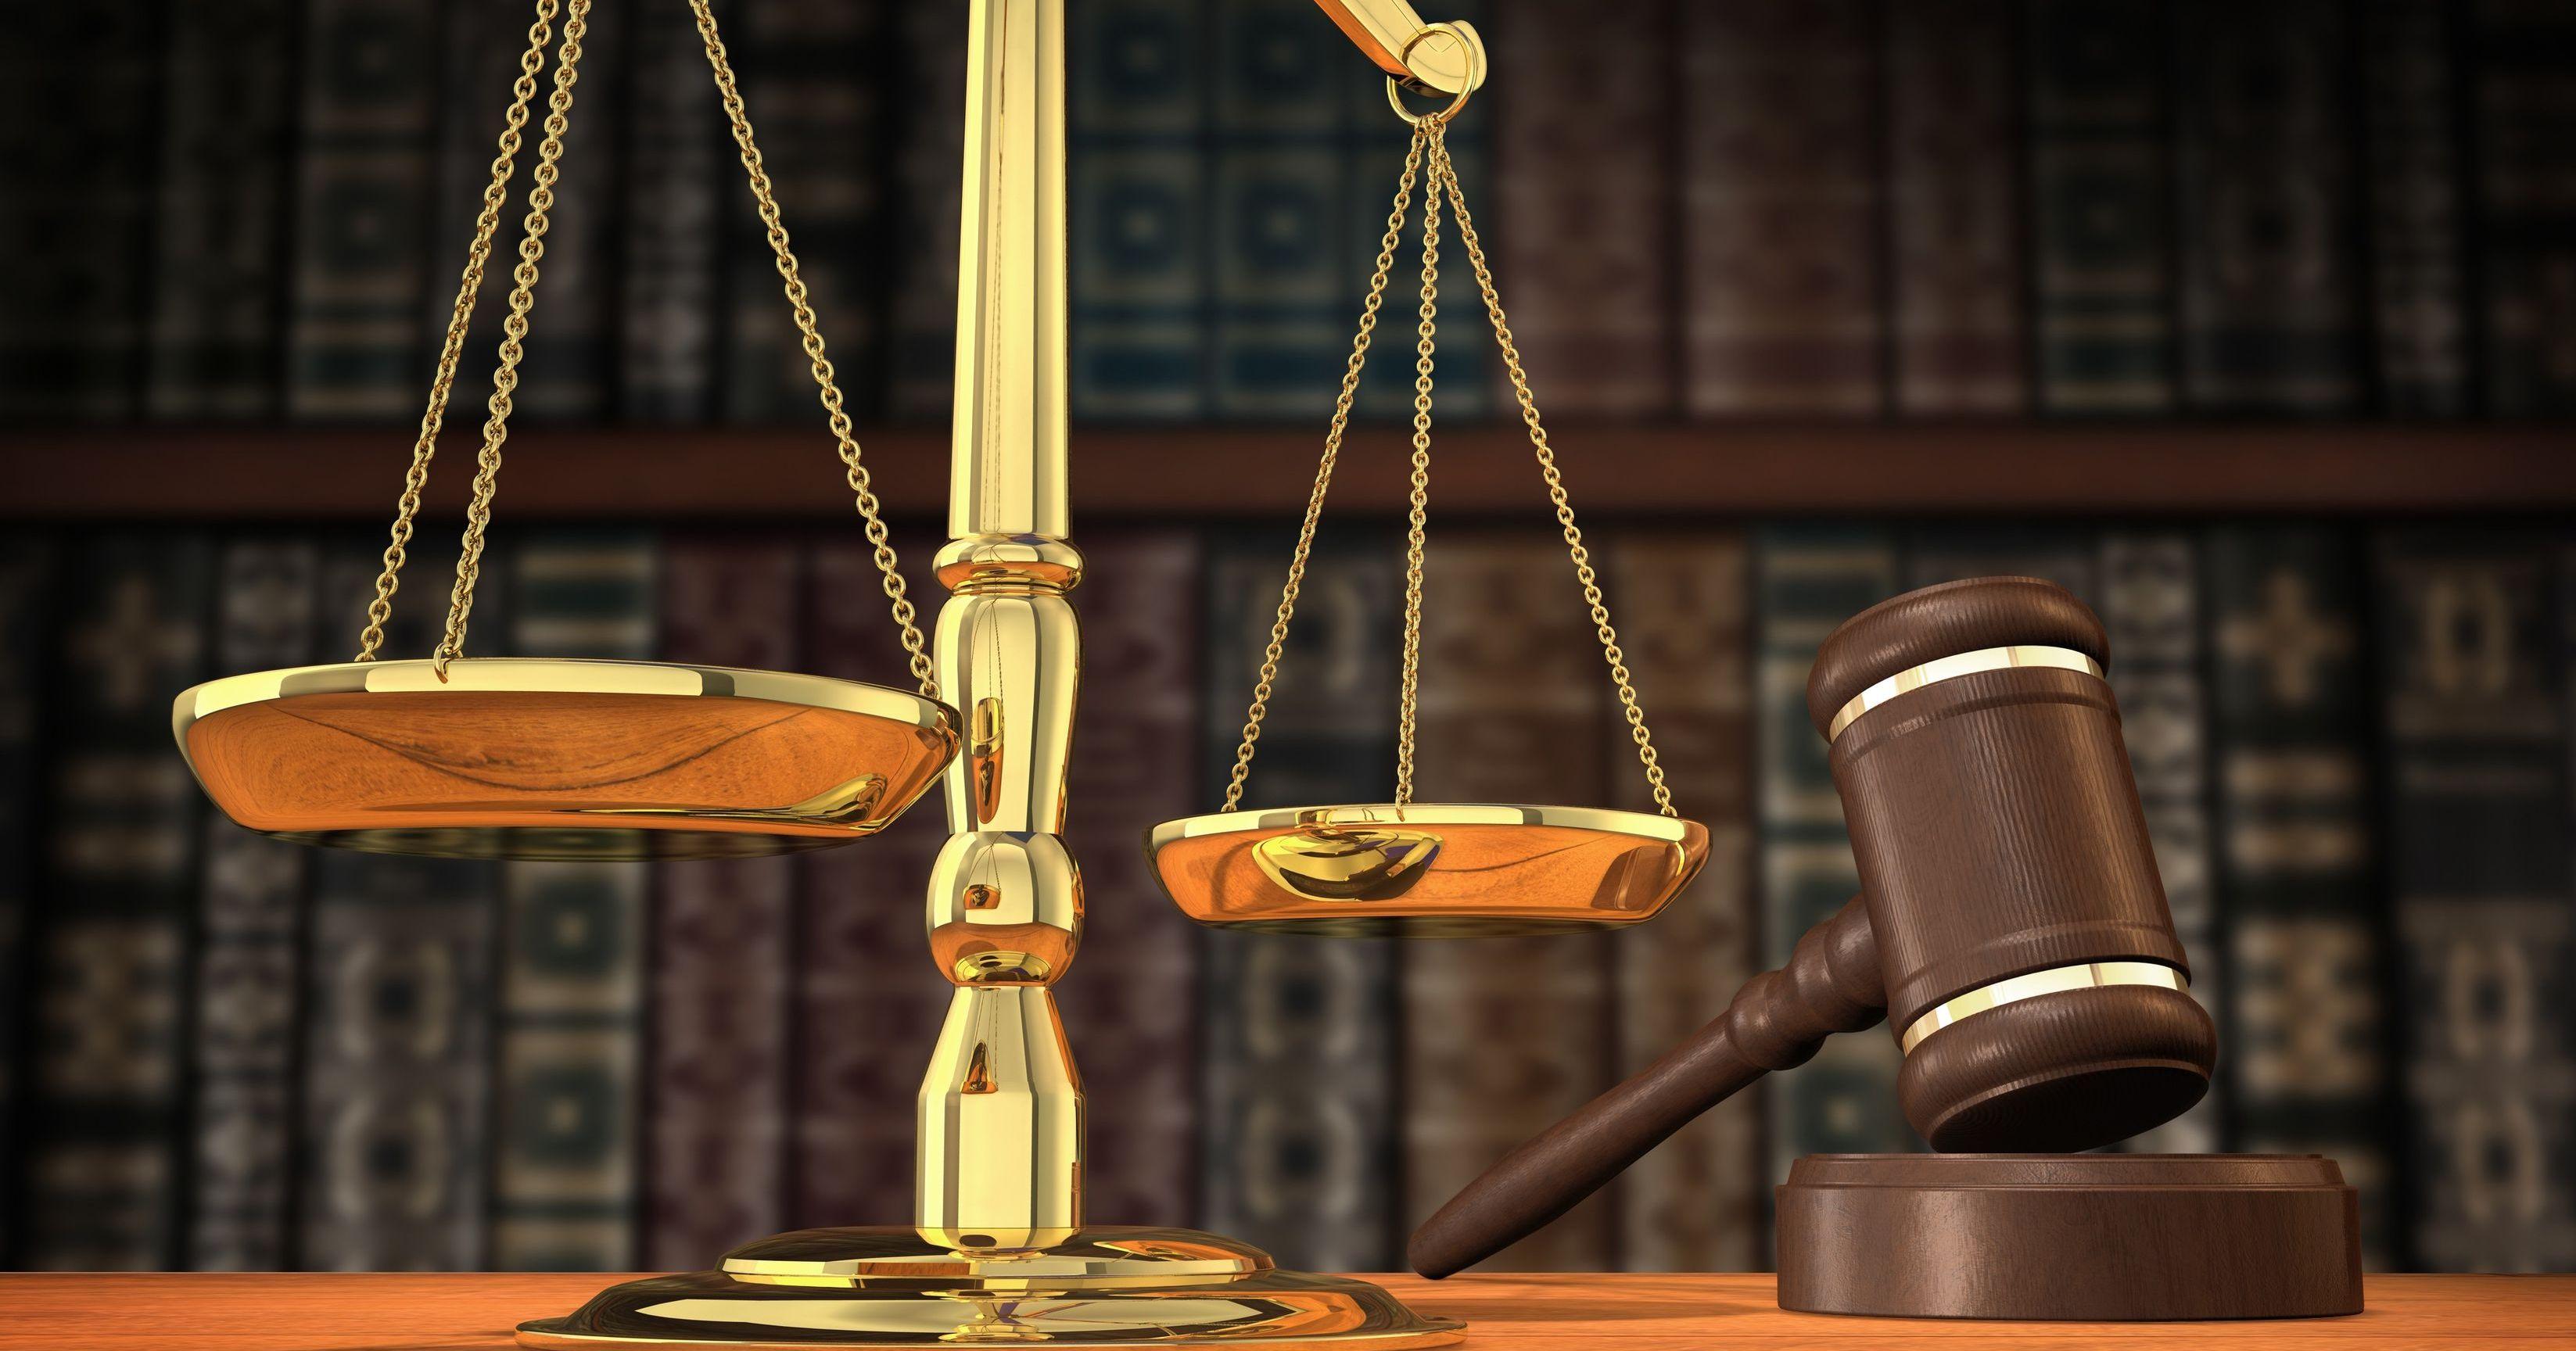 Kayseri Boşanma Avukatı Hukuk Büroları